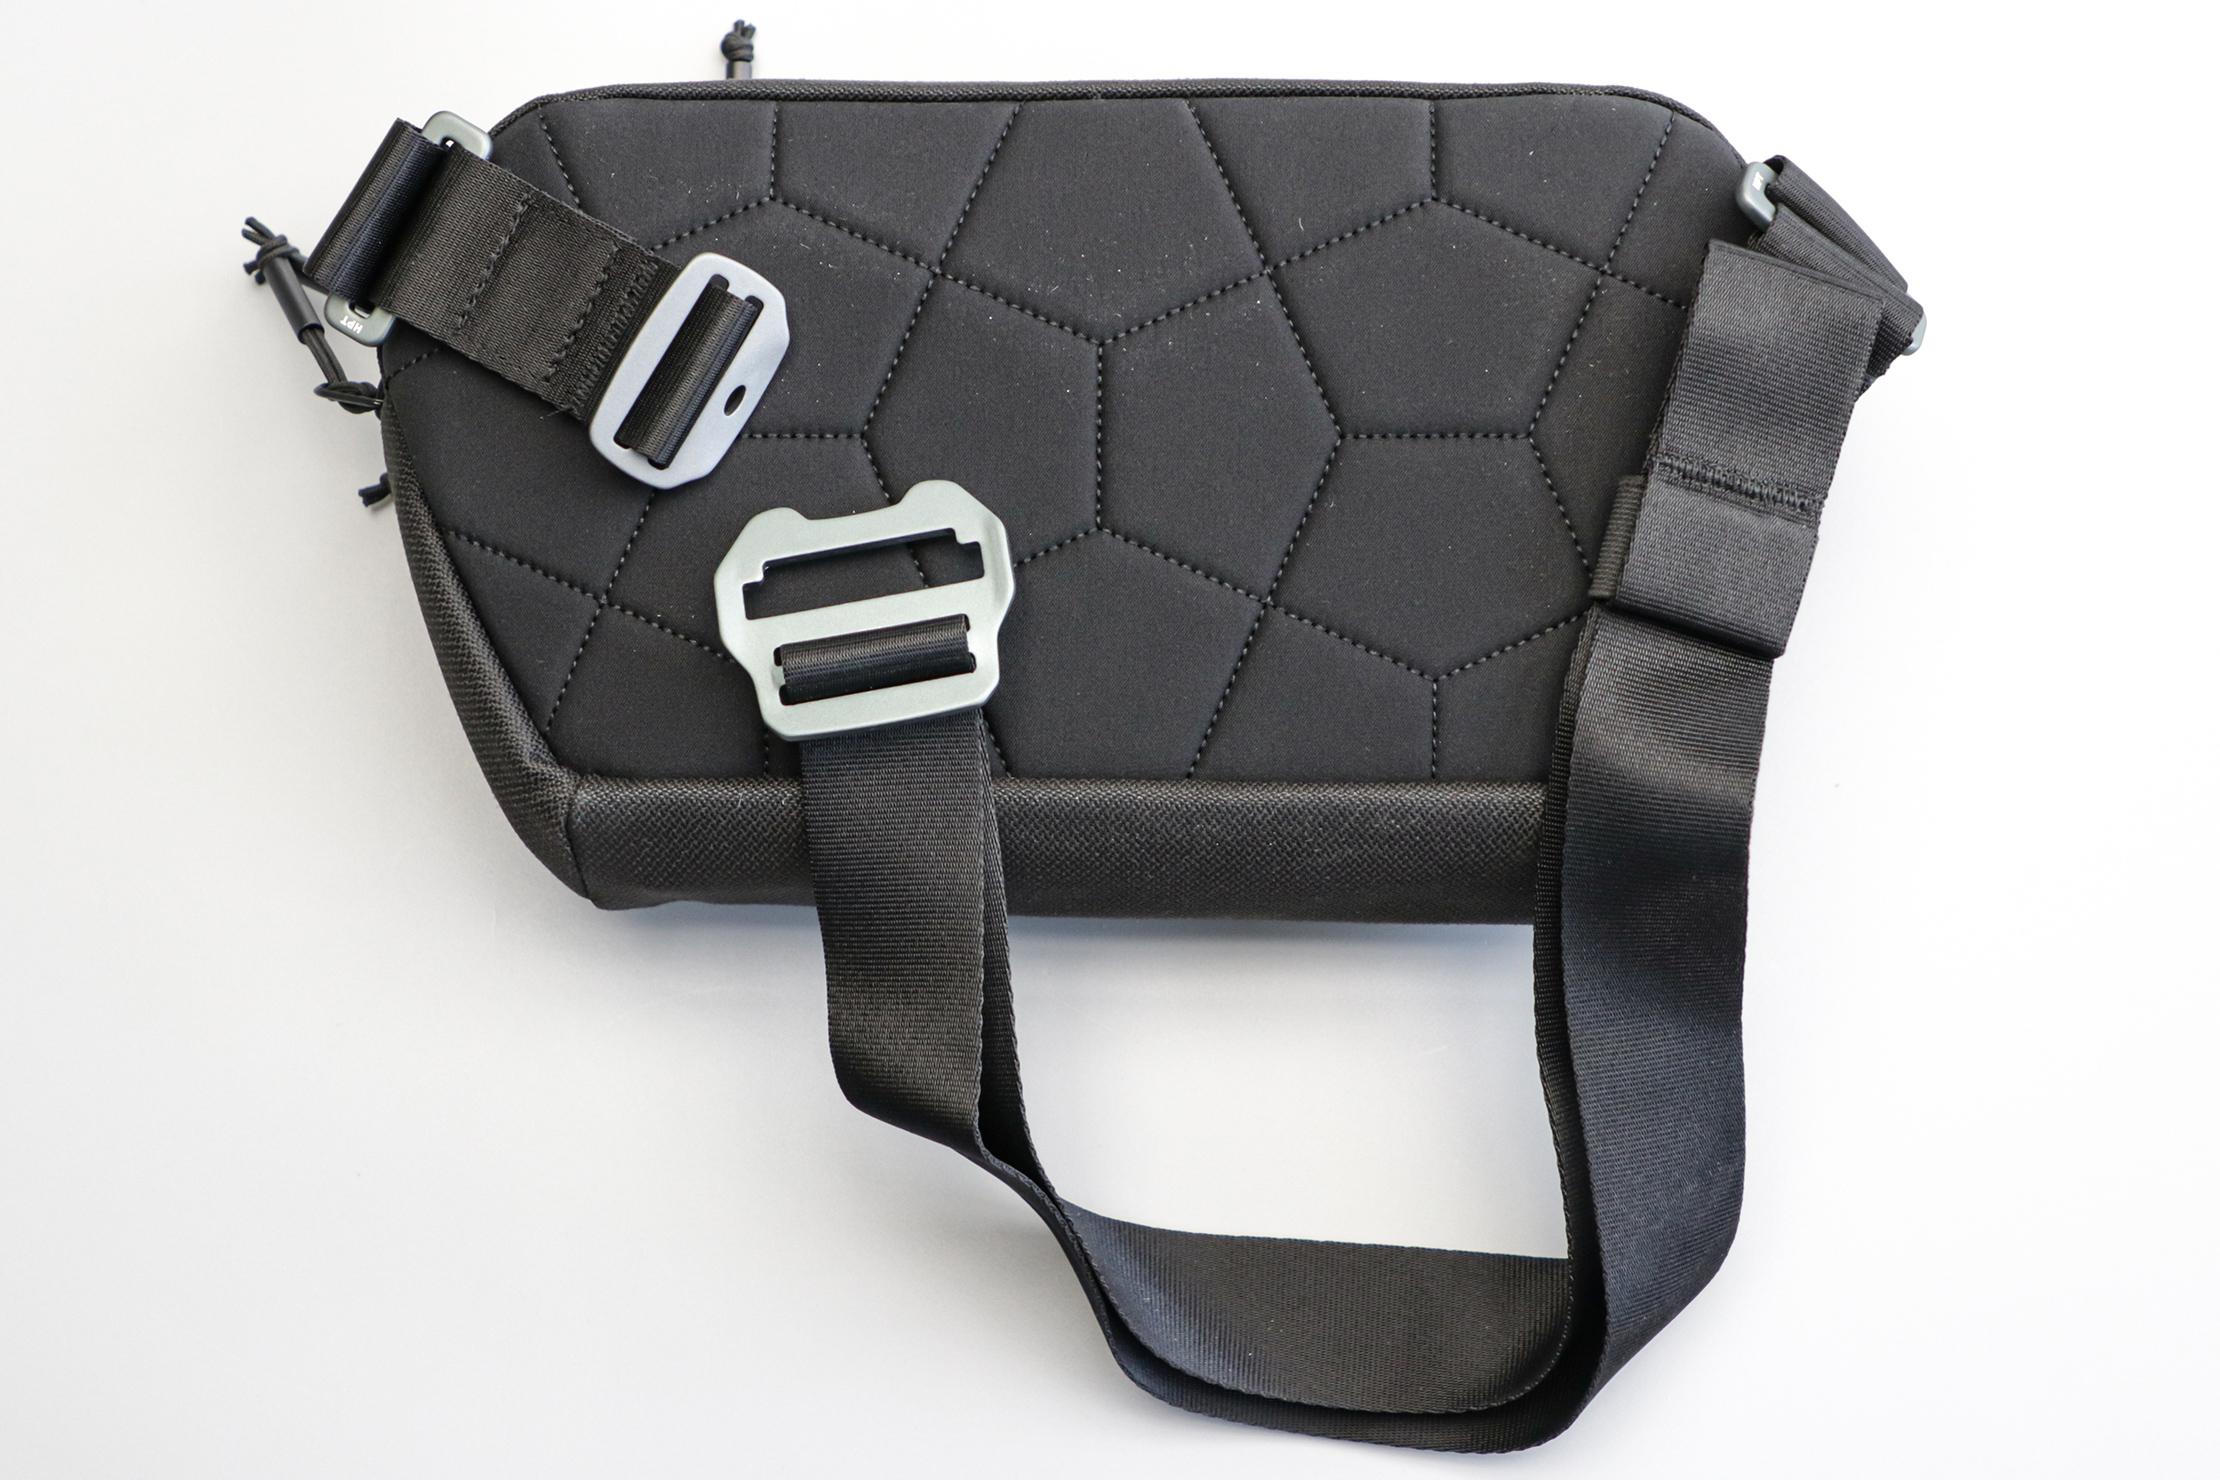 heimplanet-transit-line-sling-pocket-xl-back-with-strap